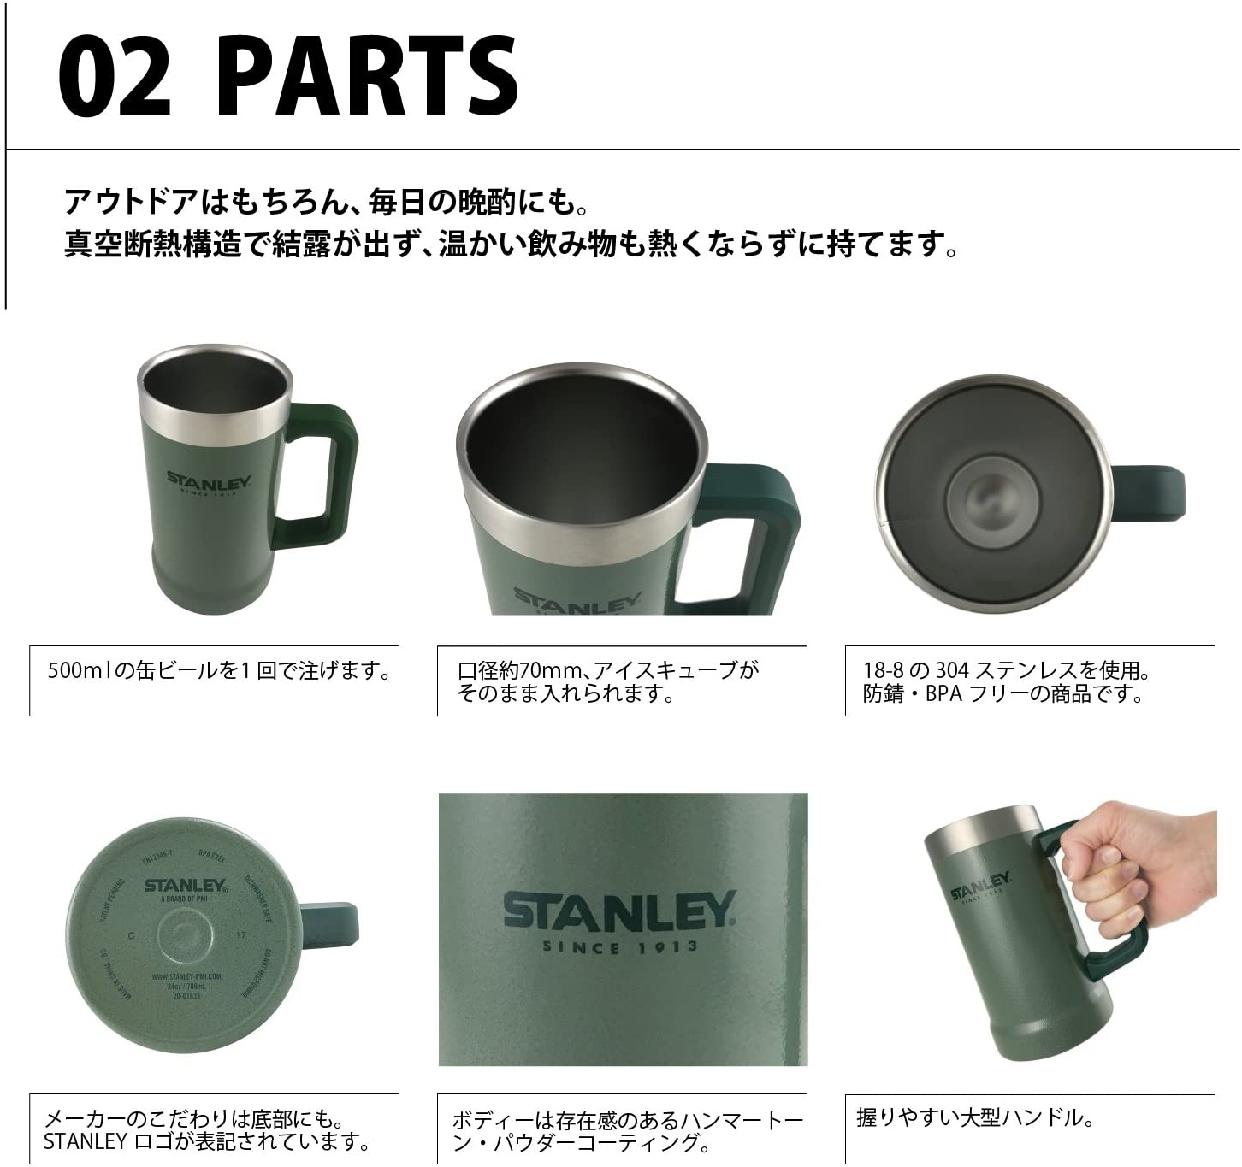 STANLEY(スタンレー) 真空ジョッキ 0.7L 02874-021の商品画像3